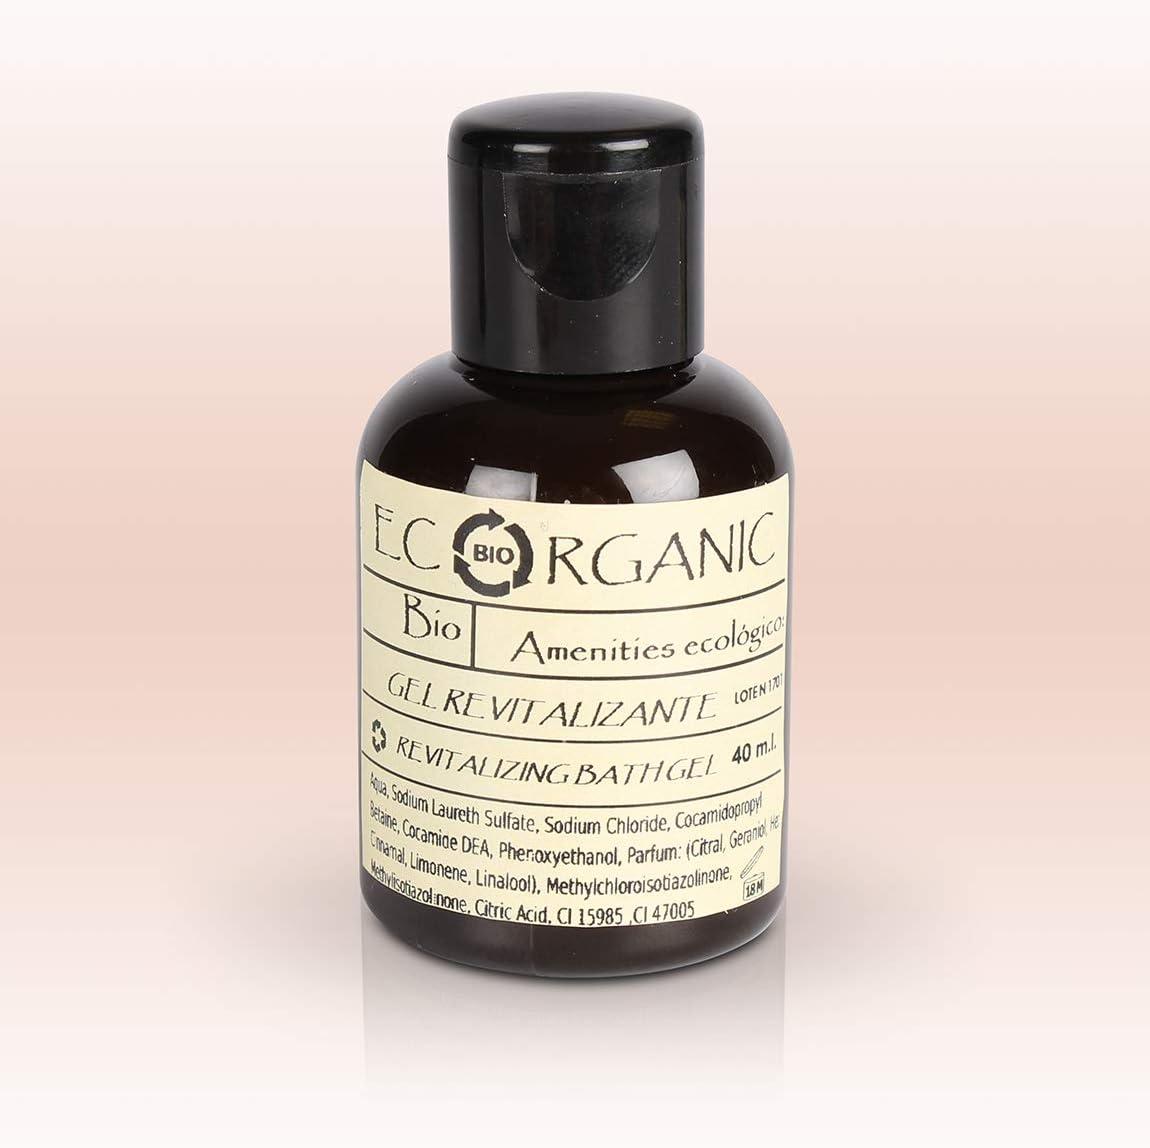 24 Botellas de Gel de Ducha energizante 40ml Ecorganic - Amenities sostenibles para Hoteles - Shower Gel - Body Wash